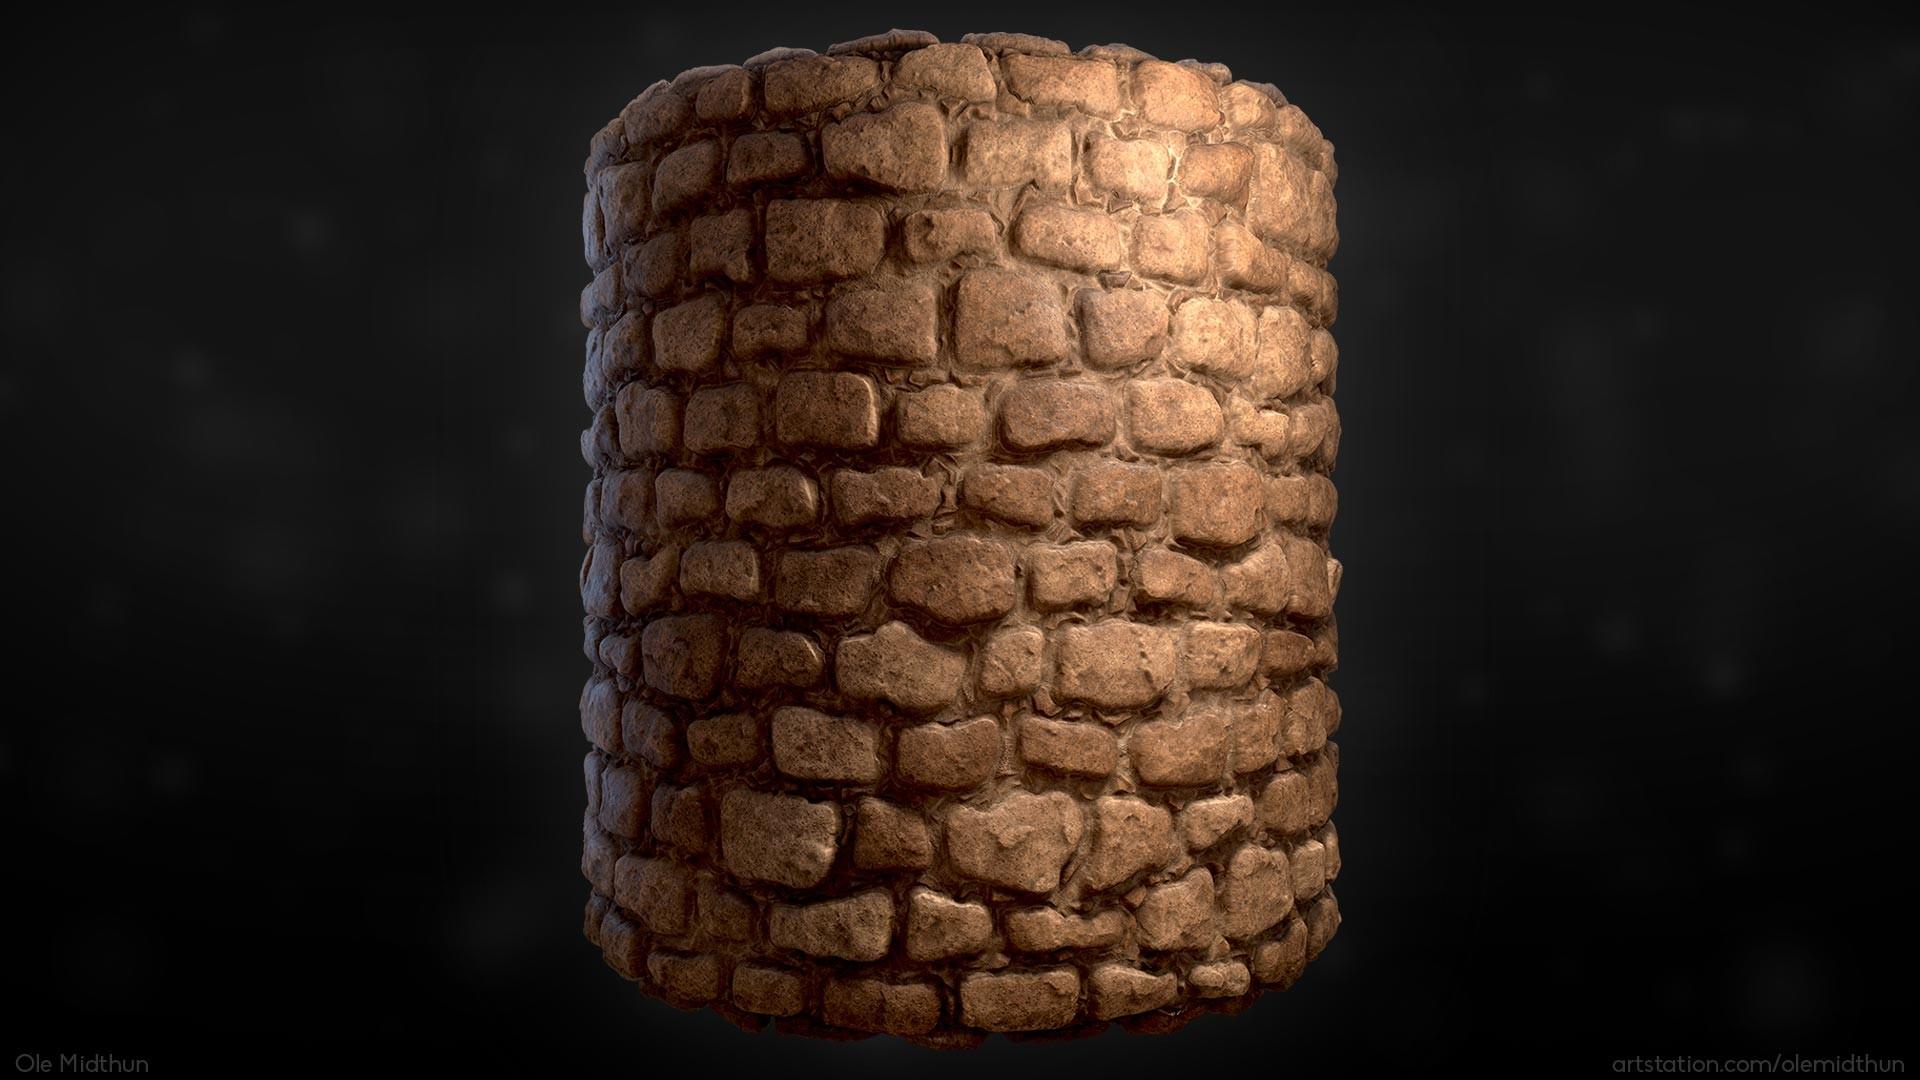 Ole midthun stone wall 2 render 08